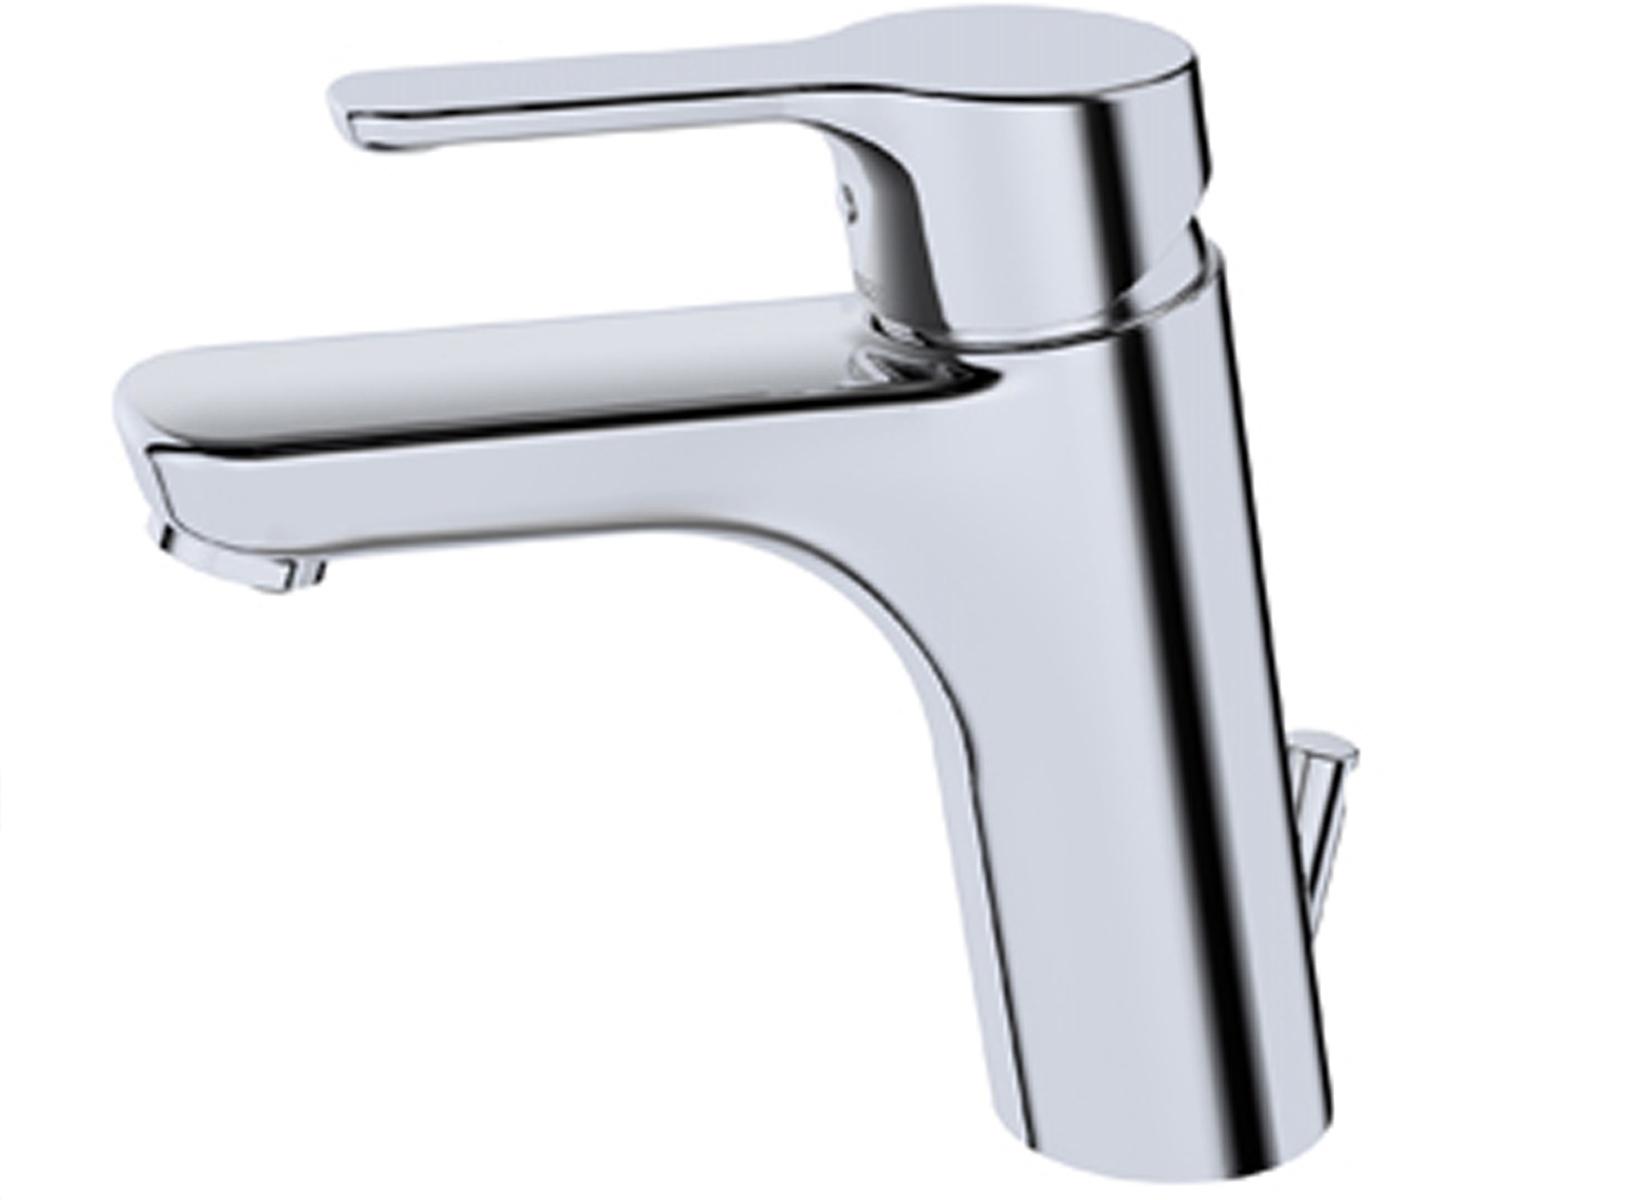 Full Size of Grohe Eurodisc Joystick Waschtischarmatur Einhandmischer Wasserhahn Bad Küche Wandanschluss Für Dusche Thermostat Wohnzimmer Grohe Wasserhahn